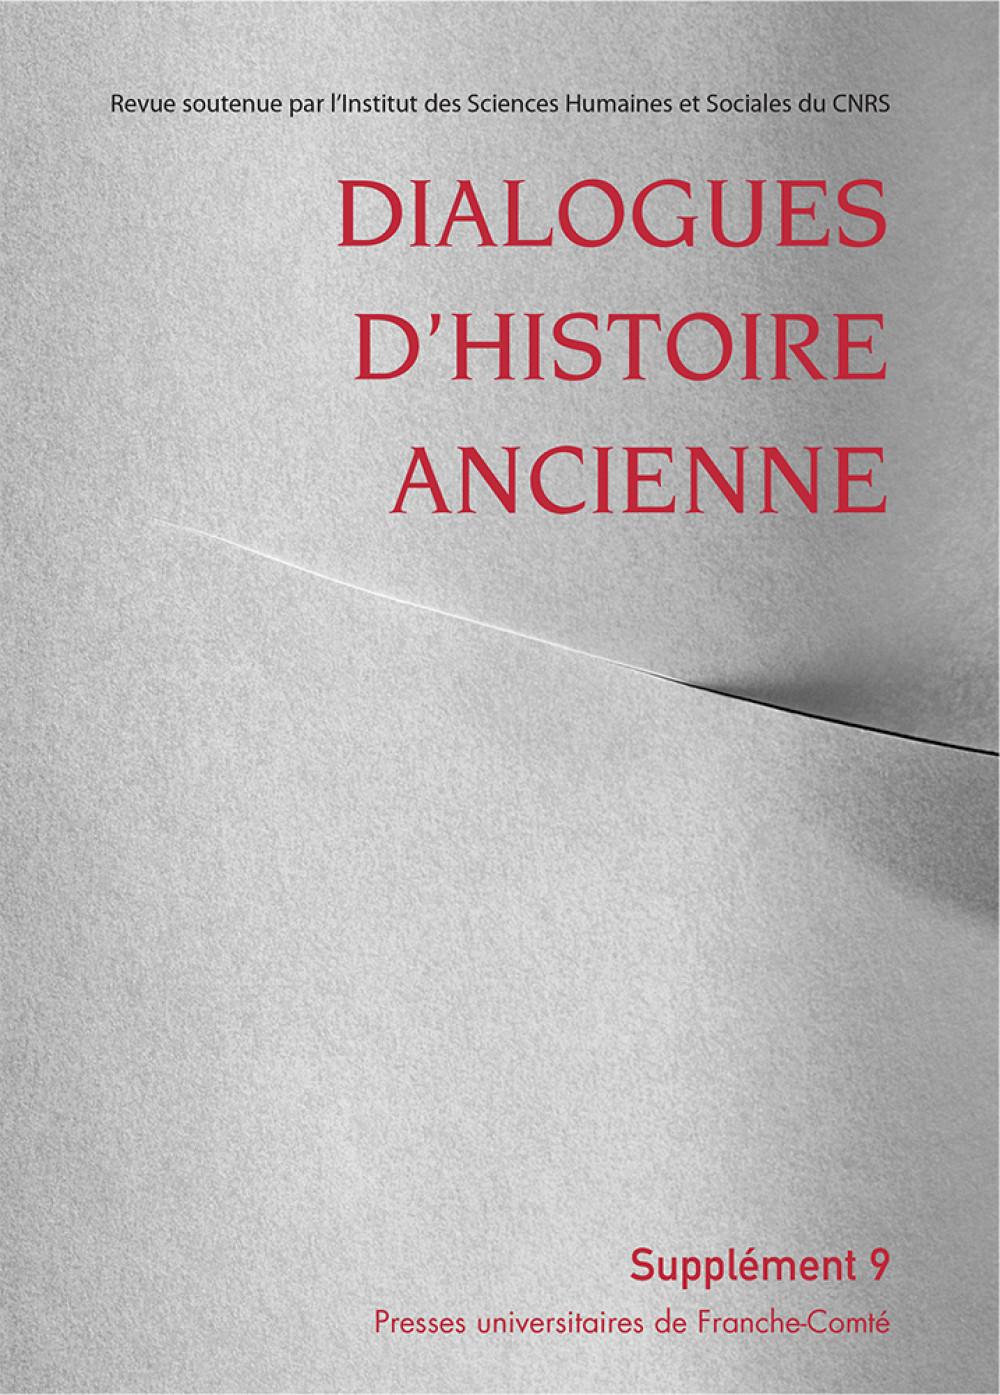 Dialogues d'Histoire Ancienne, supplément 9